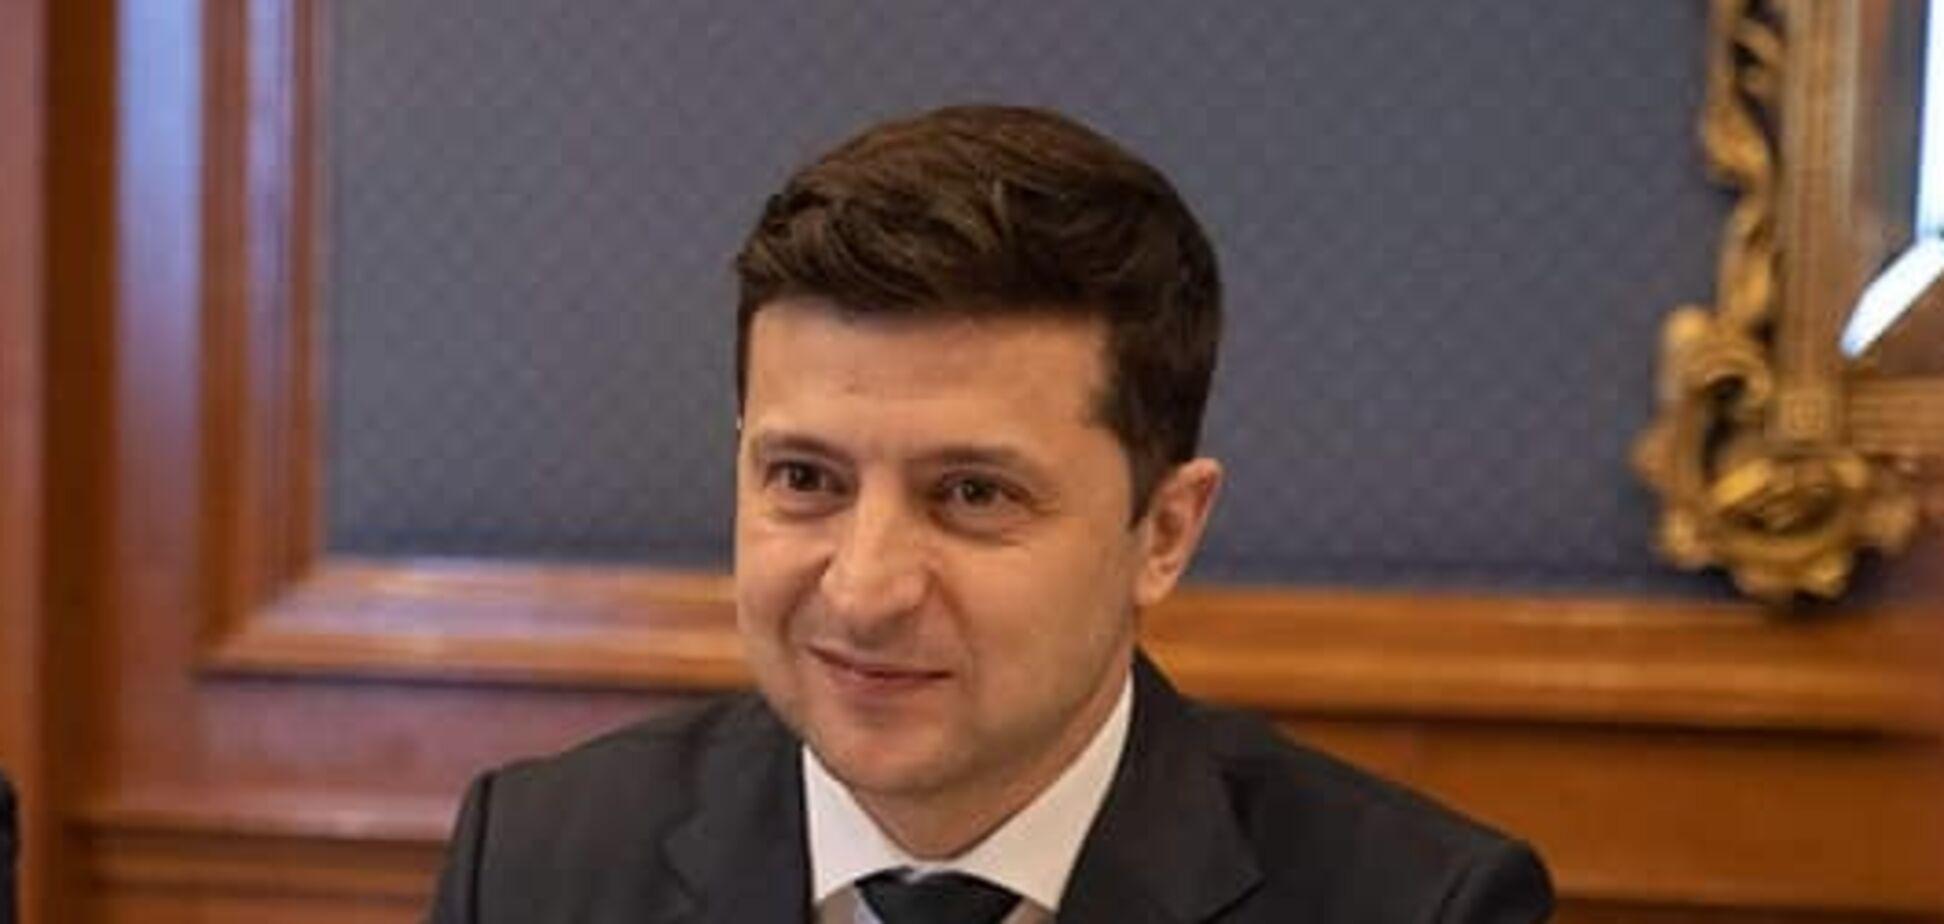 Зеленський раптово 'перейменував' Дніпропетровщину: фото нового конфузу